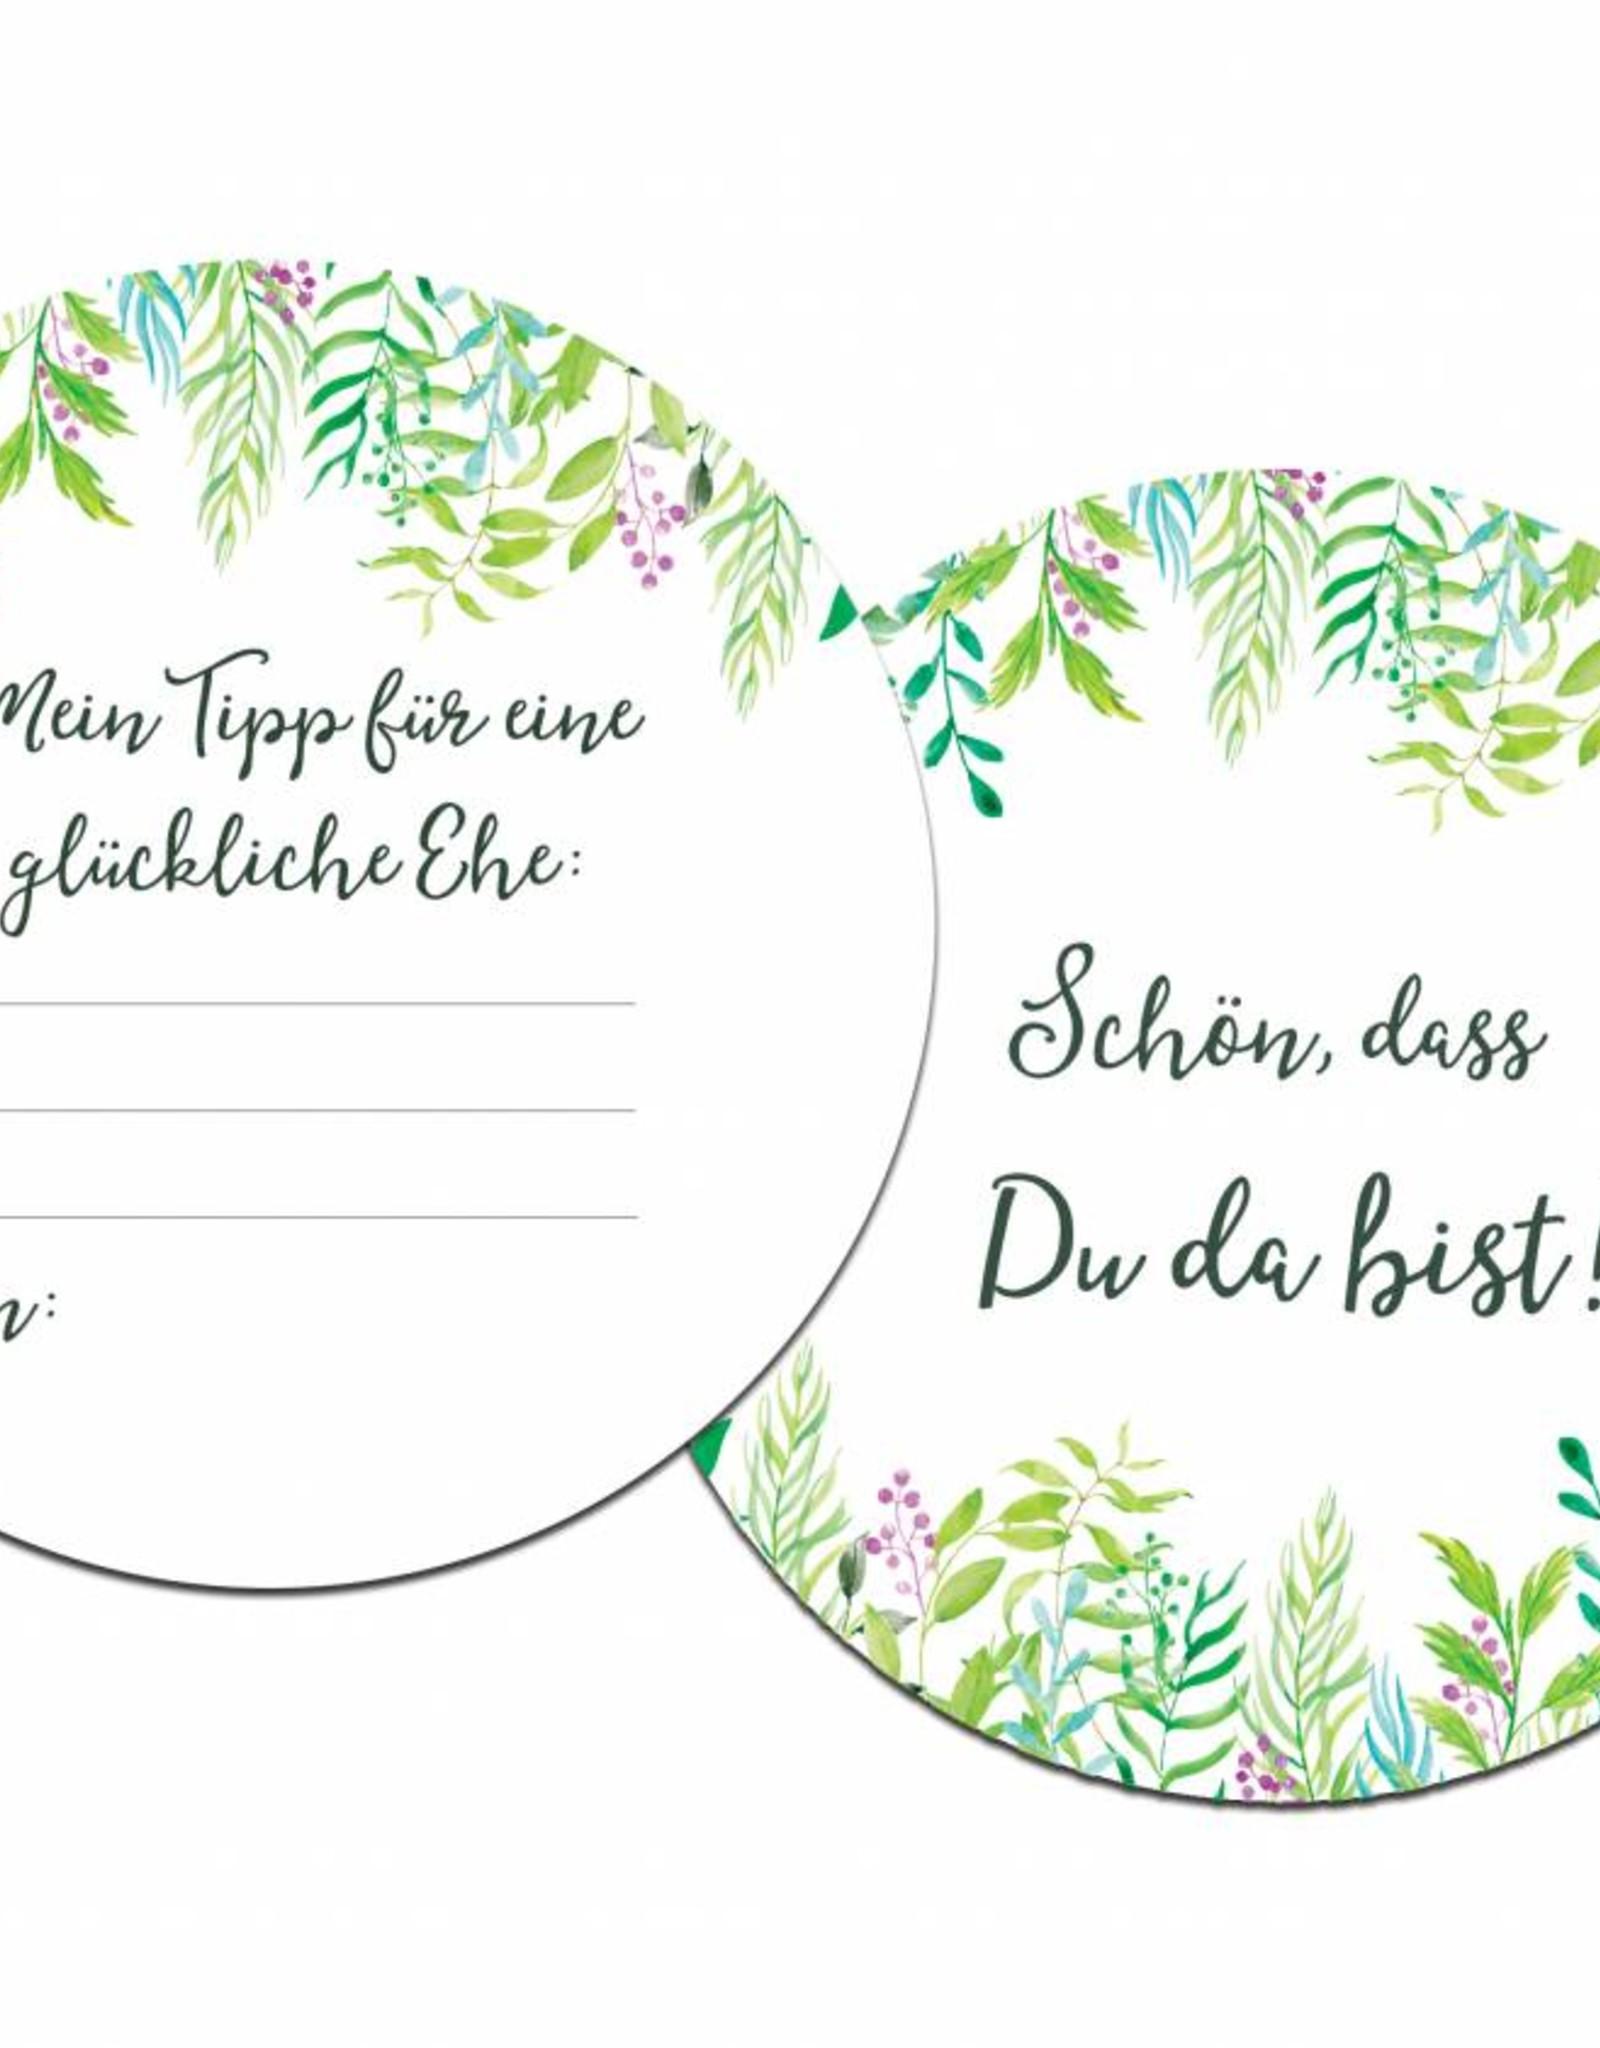 Bierdeckel Hochzeit, Hochzeitsspiel, Hochzeit Spiele